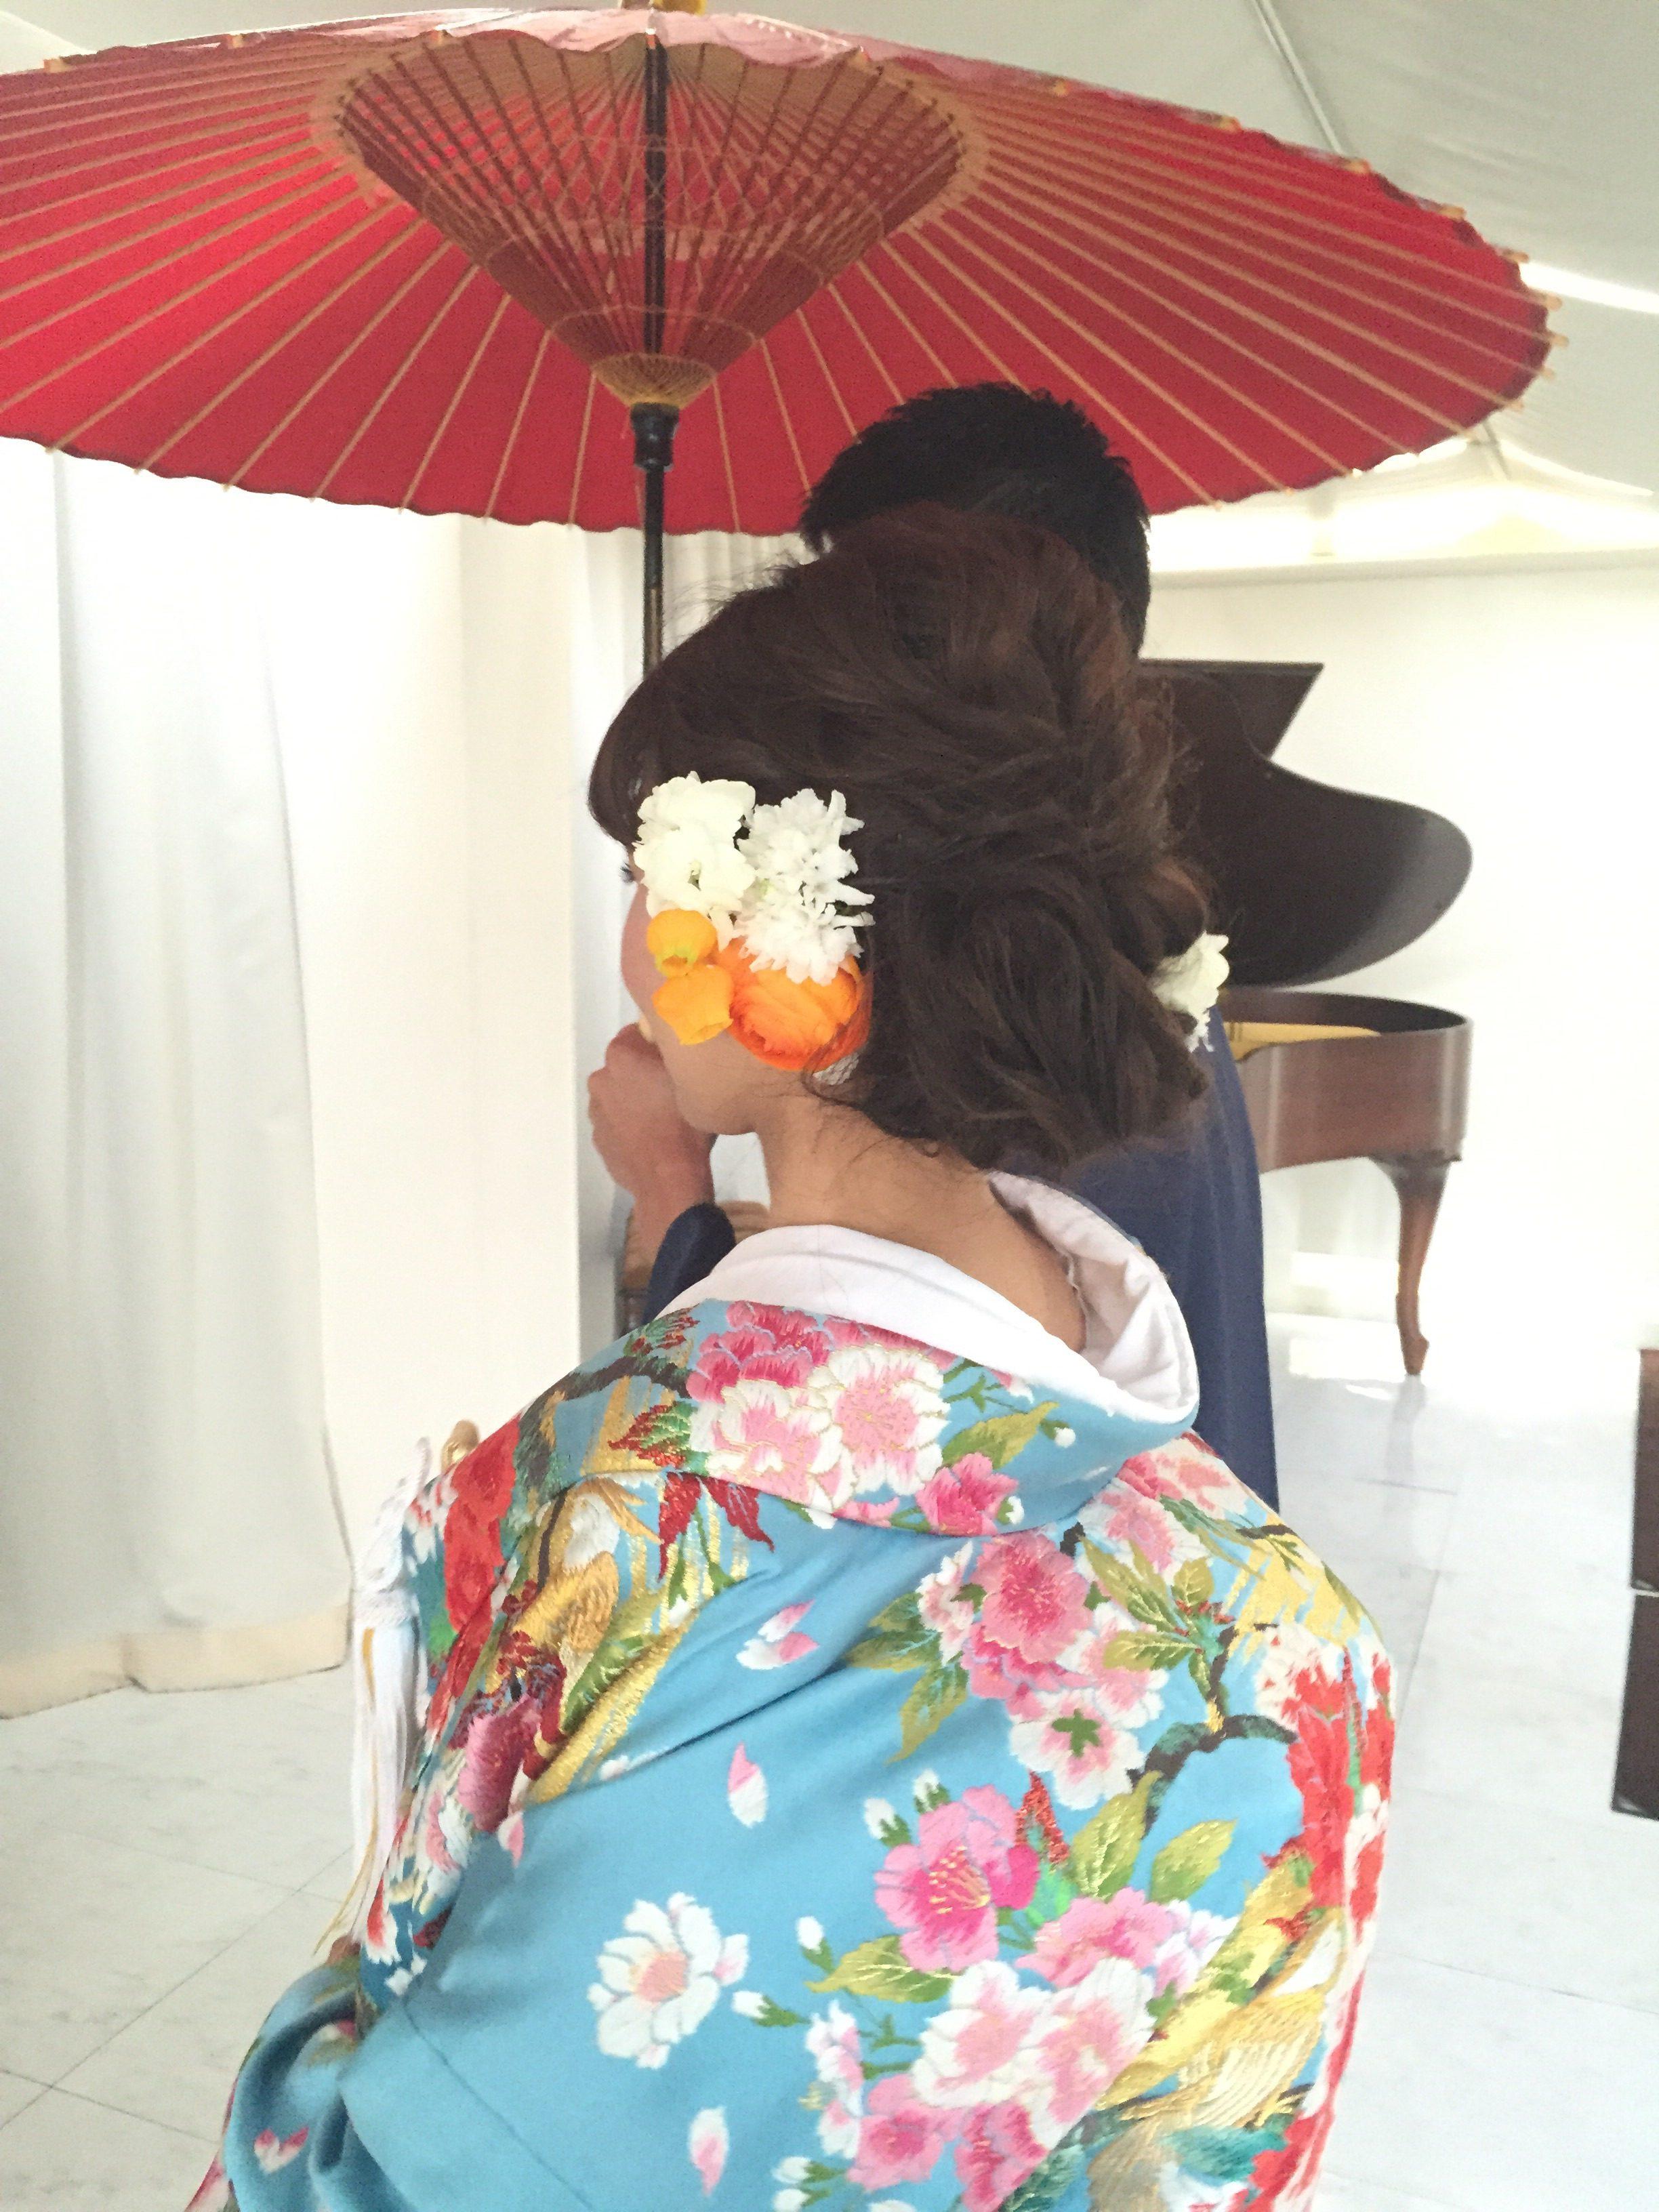 色打掛、ナチュラルで小柄な花嫁さん。髪の毛はセミロング。ナチュラルなシニオンスタイルで和装を可愛くアレンジ/福岡のブライダルヘアメイク、ブライダルシェービングはグランパルティータ